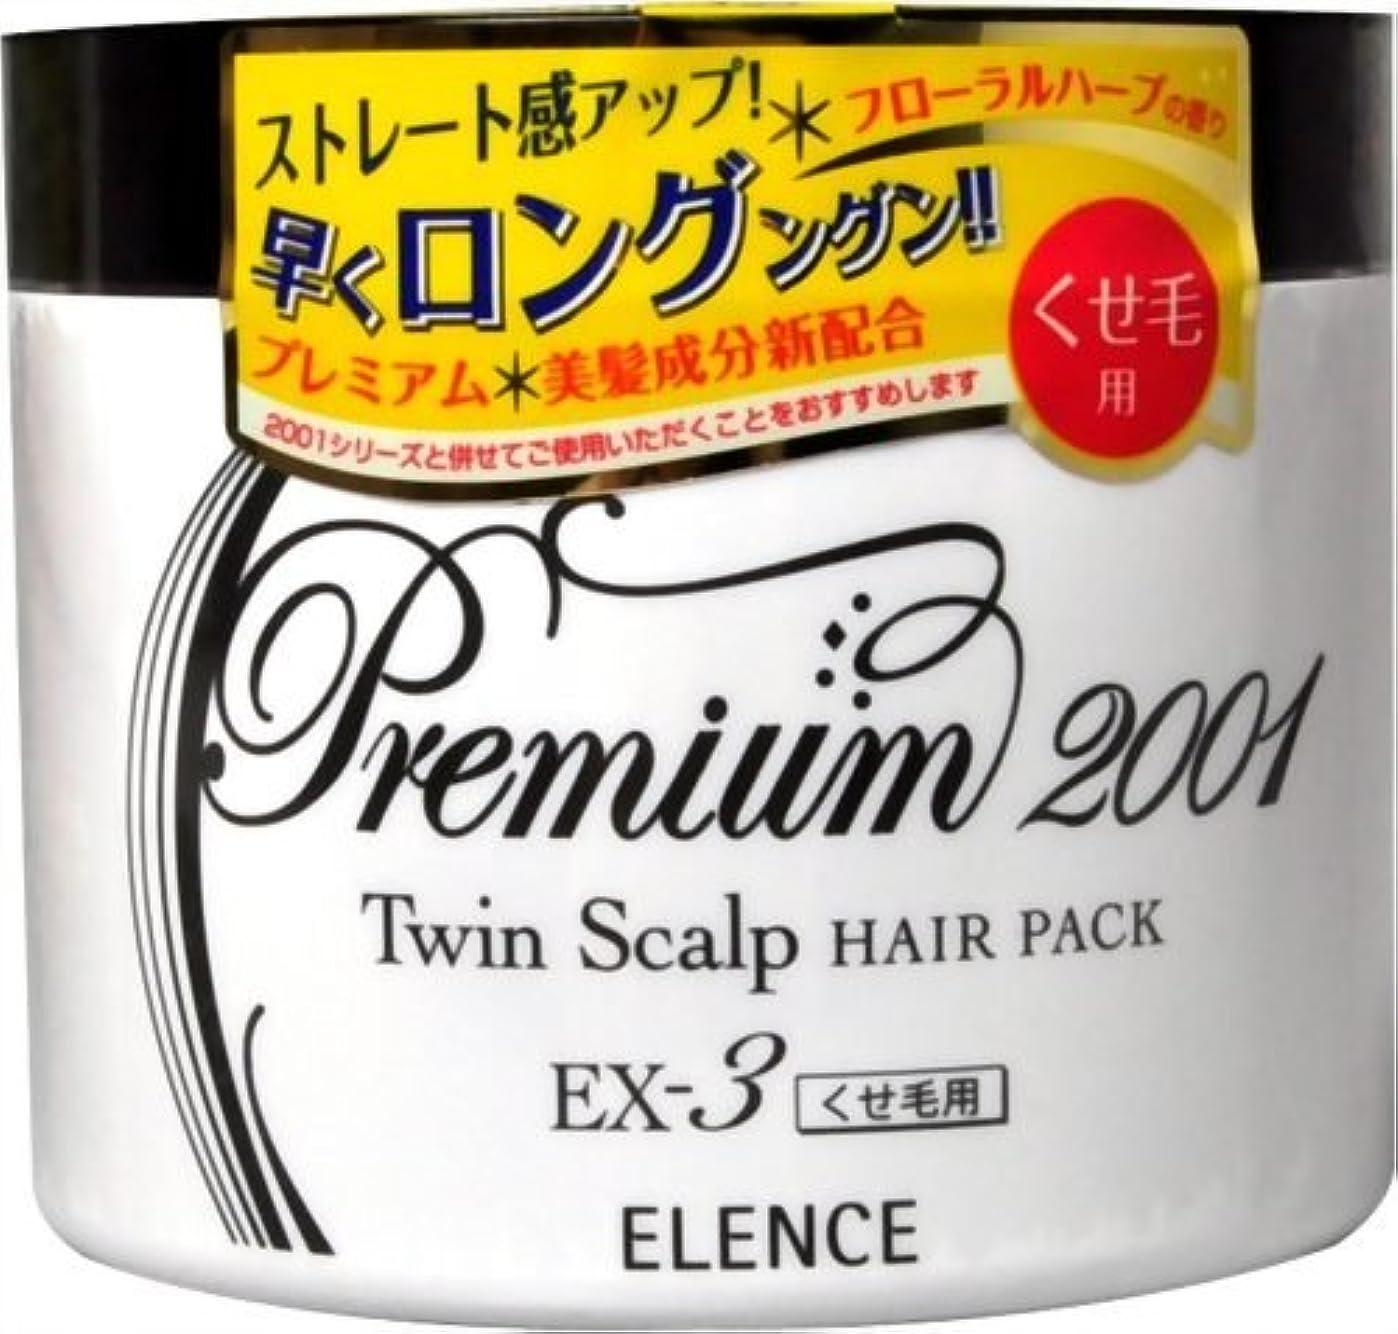 穴悪の権威エレンス2001 ツインスキャルプヘアパックEX-3(くせ毛用)